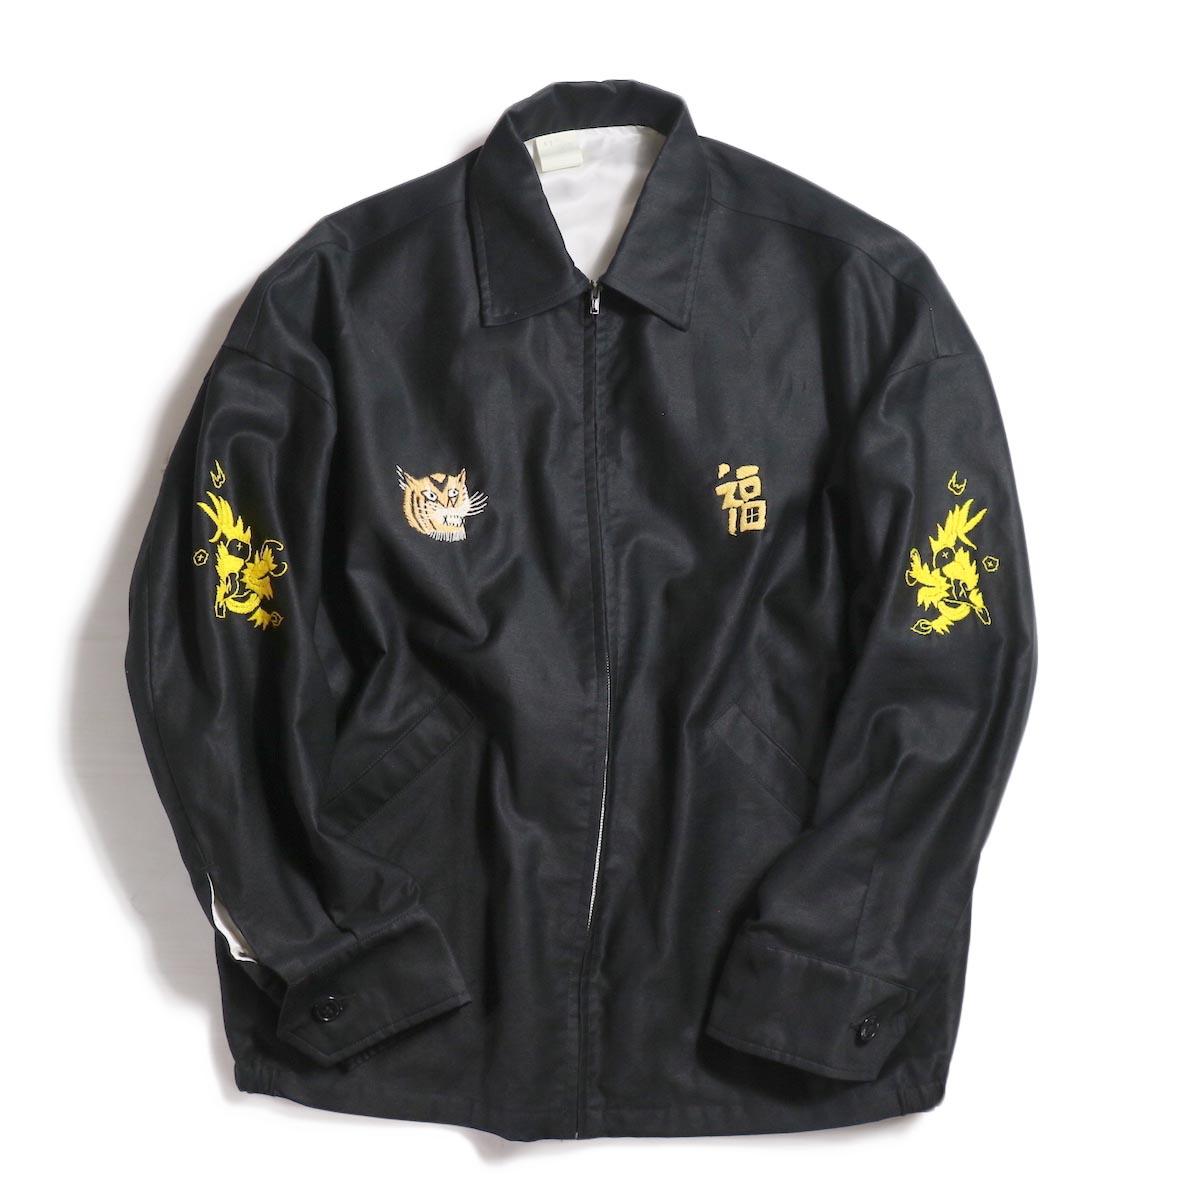 N.HOOLYWOOD / T.P.E.S 982-BL01 Souvenir jacket